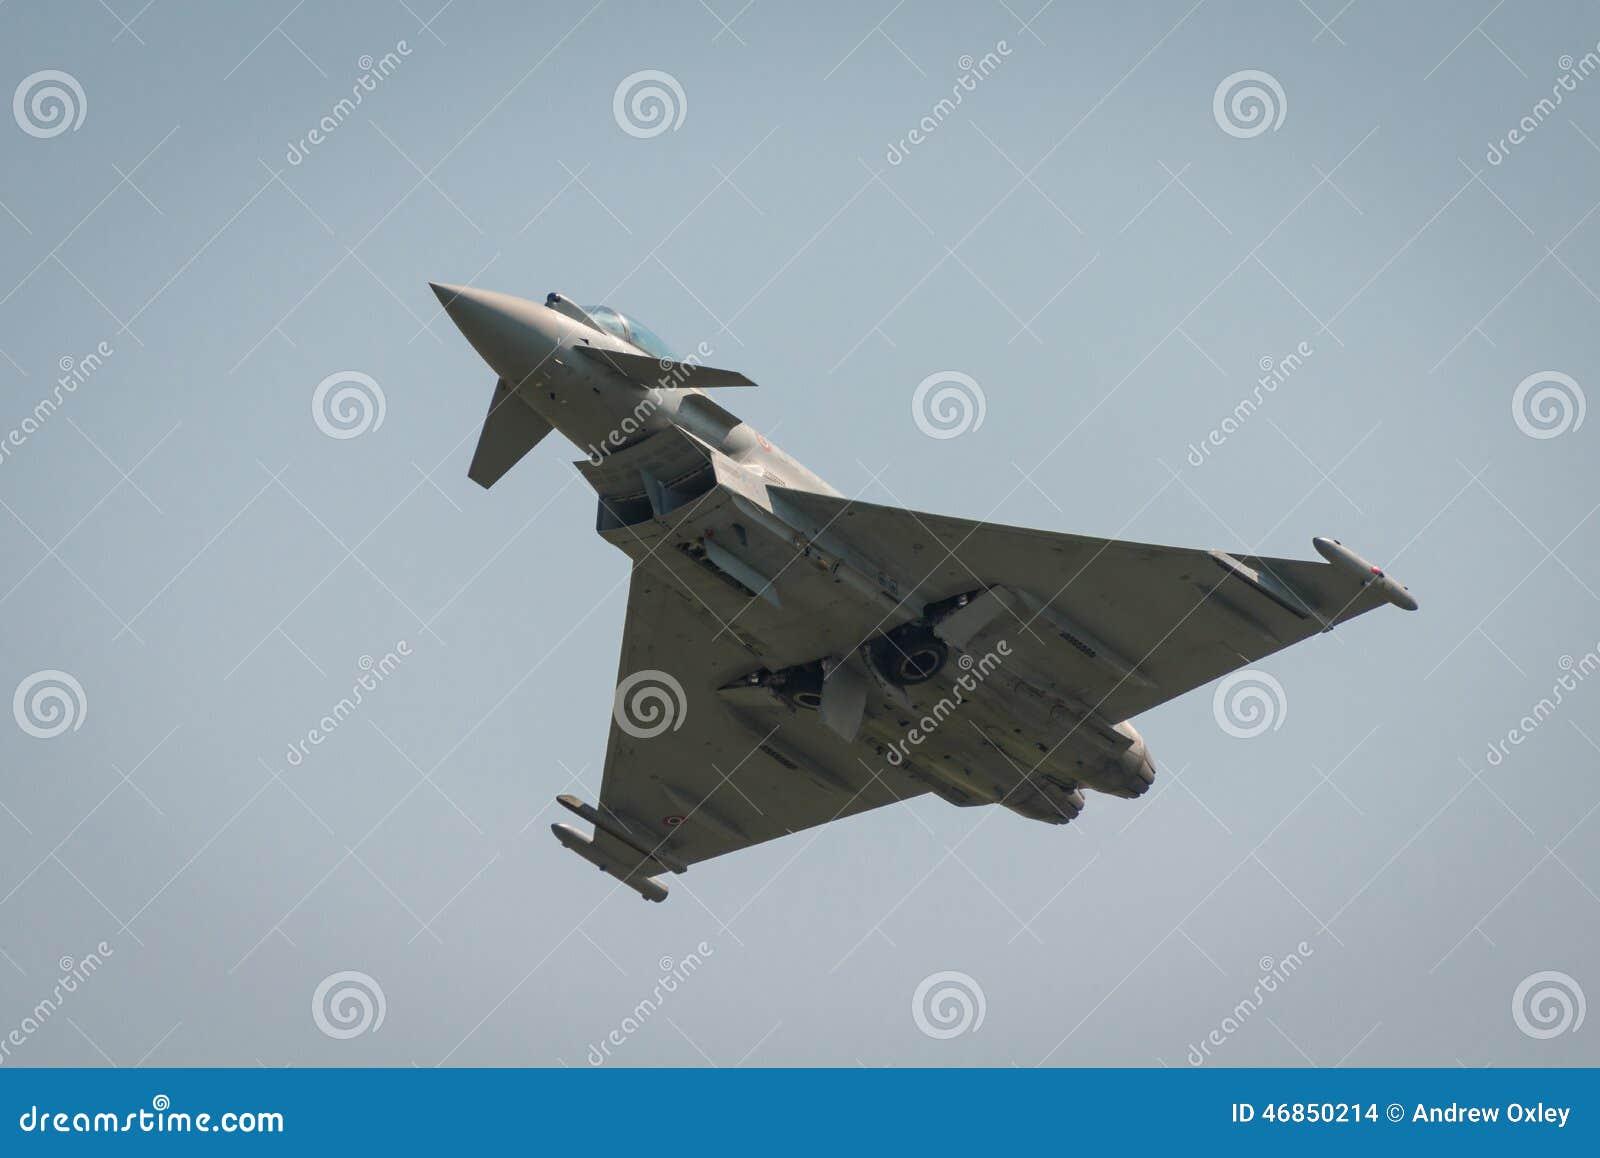 Aereo Da Caccia Usato : Aereo da caccia italiano di tifone dell aeronautica